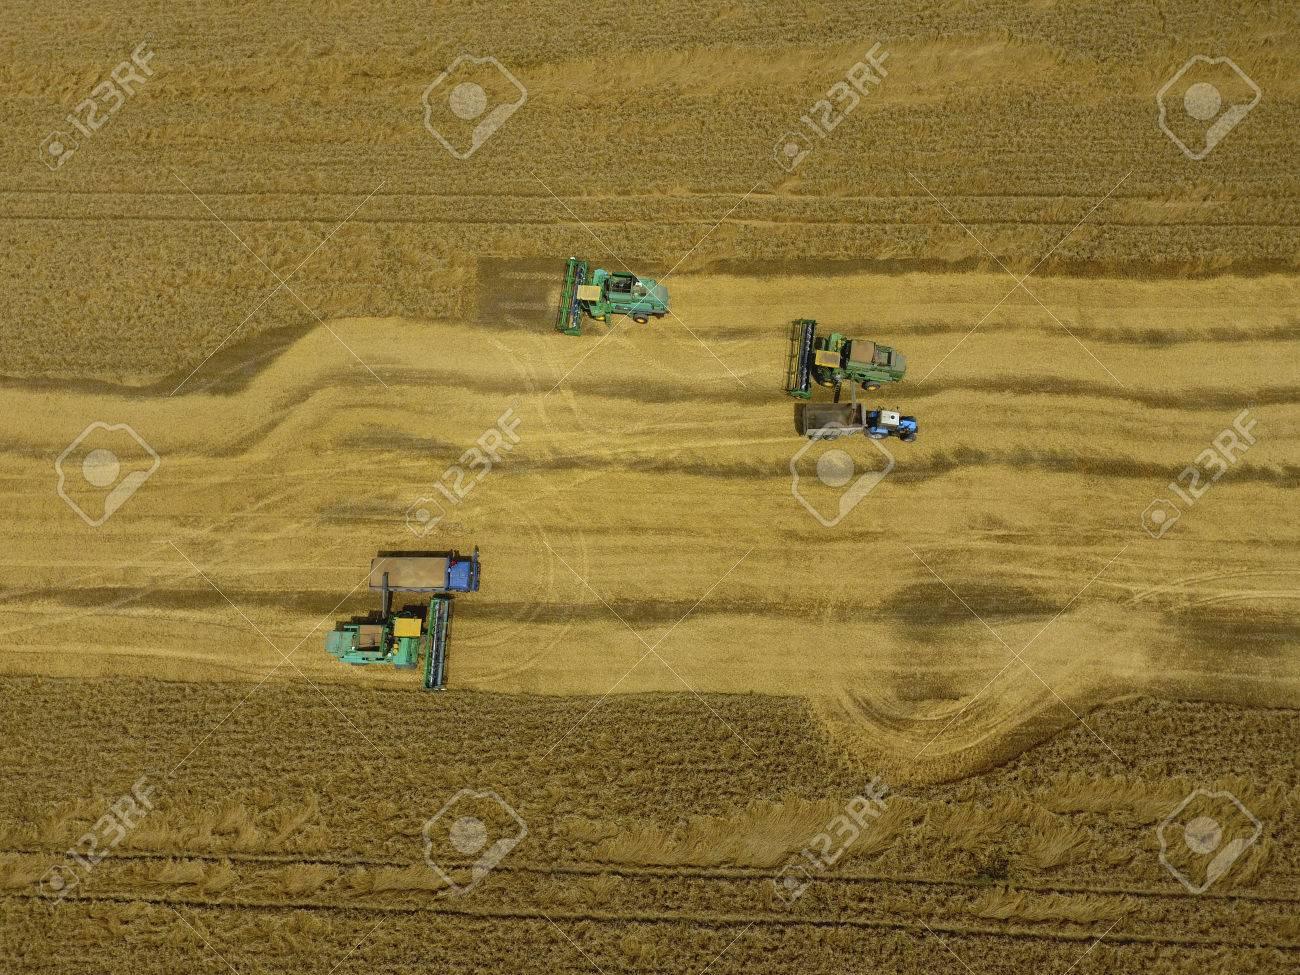 d87d0e11d2 Archivio Fotografico - Raccolta di frumento. Macchine agricole raccolgono  grano sul campo. Macchine agricole in esercizio.